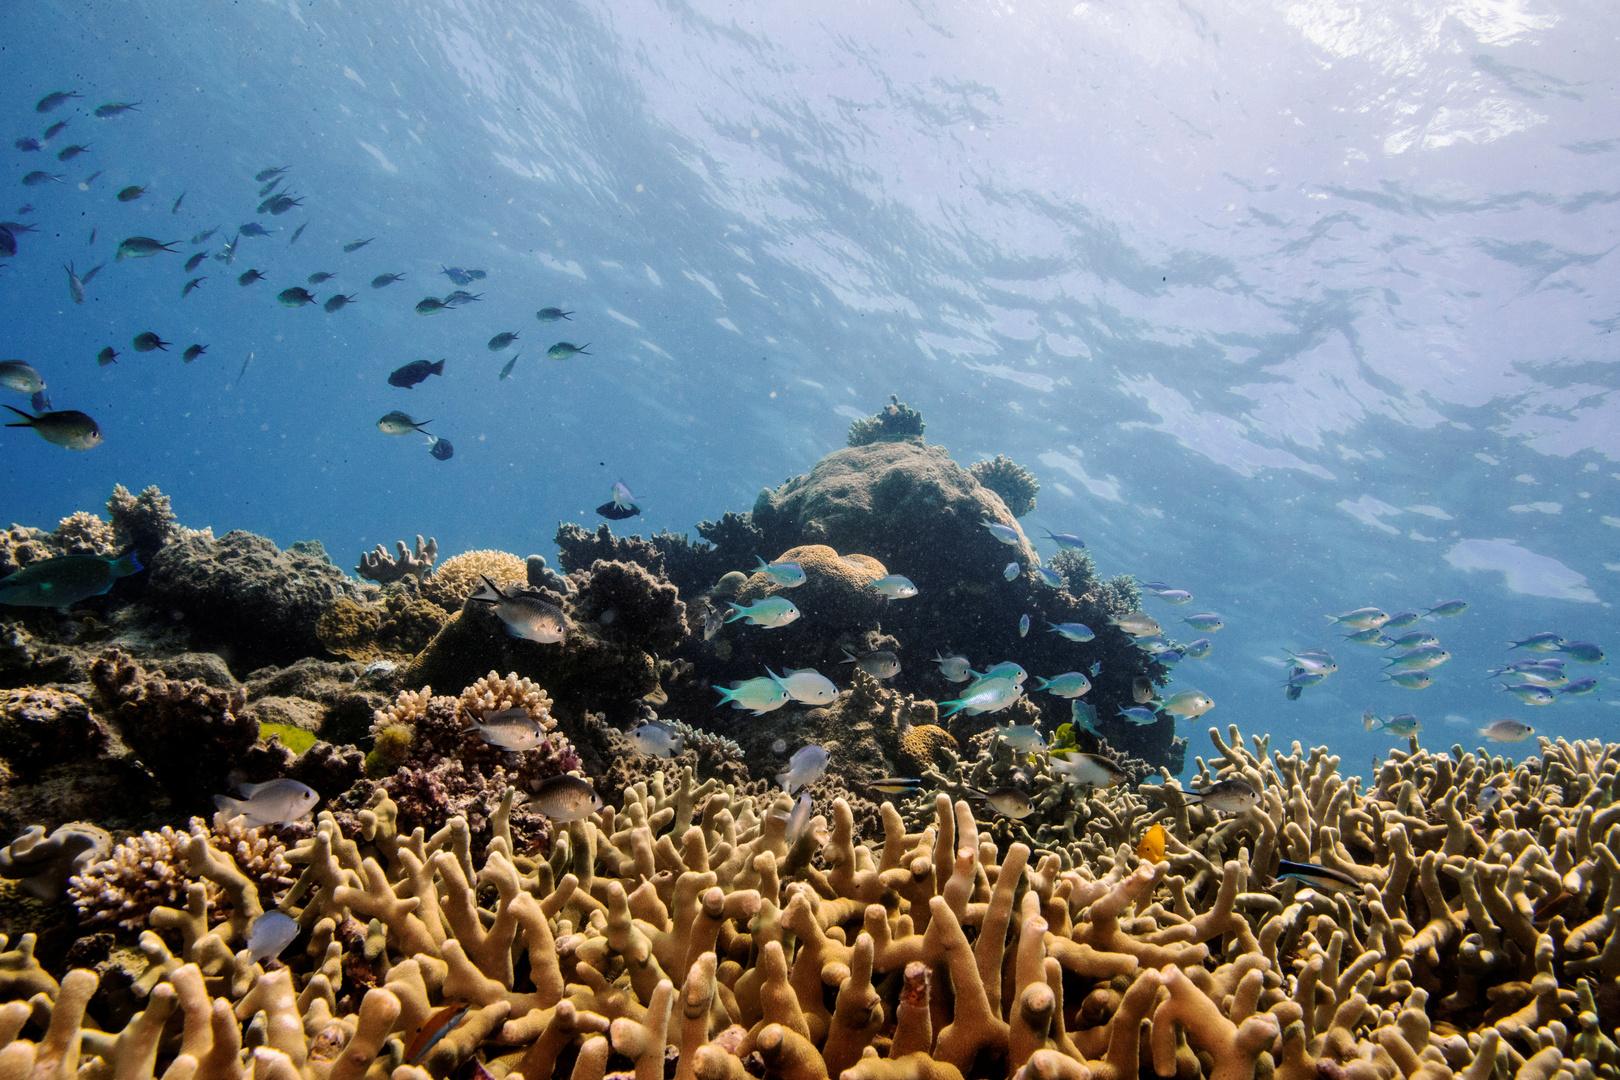 الحاجز المرجاني العظيم ينجو من قائمة المعالم الـ